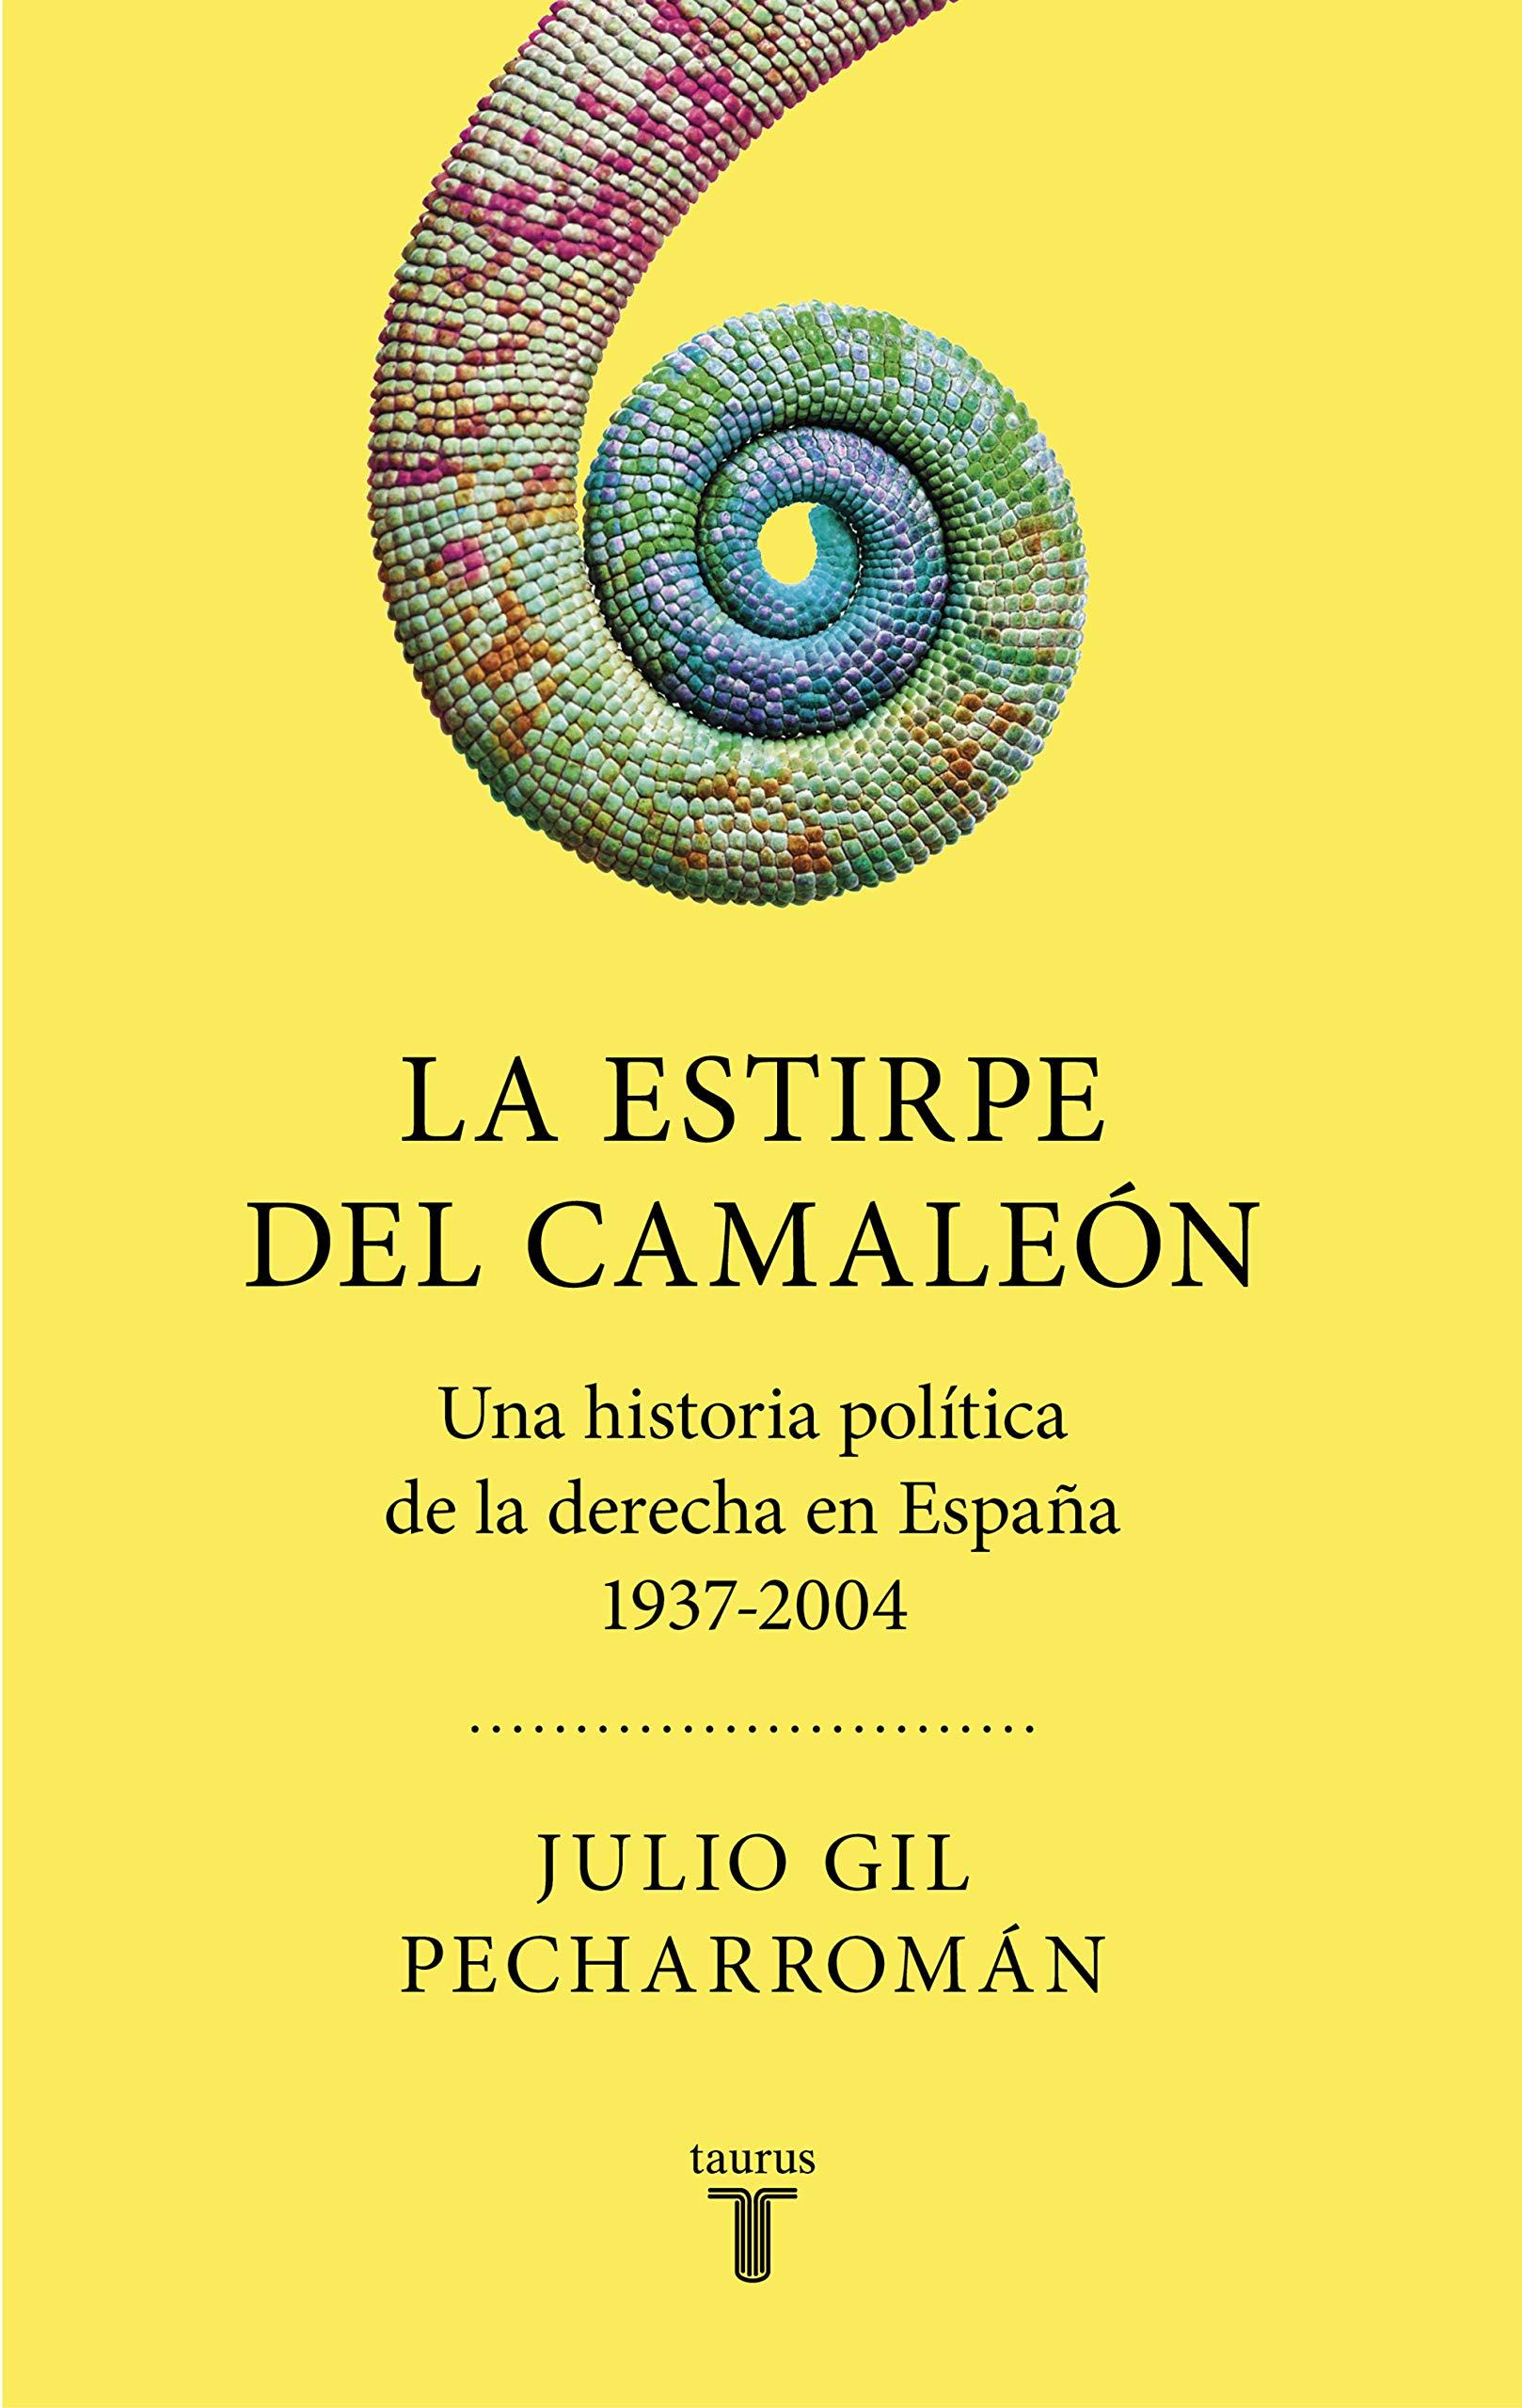 La estirpe del camaleón: Una historia política de la derecha en España 1937-2004: Amazon.es: Gil Pecharromán, Julio: Libros